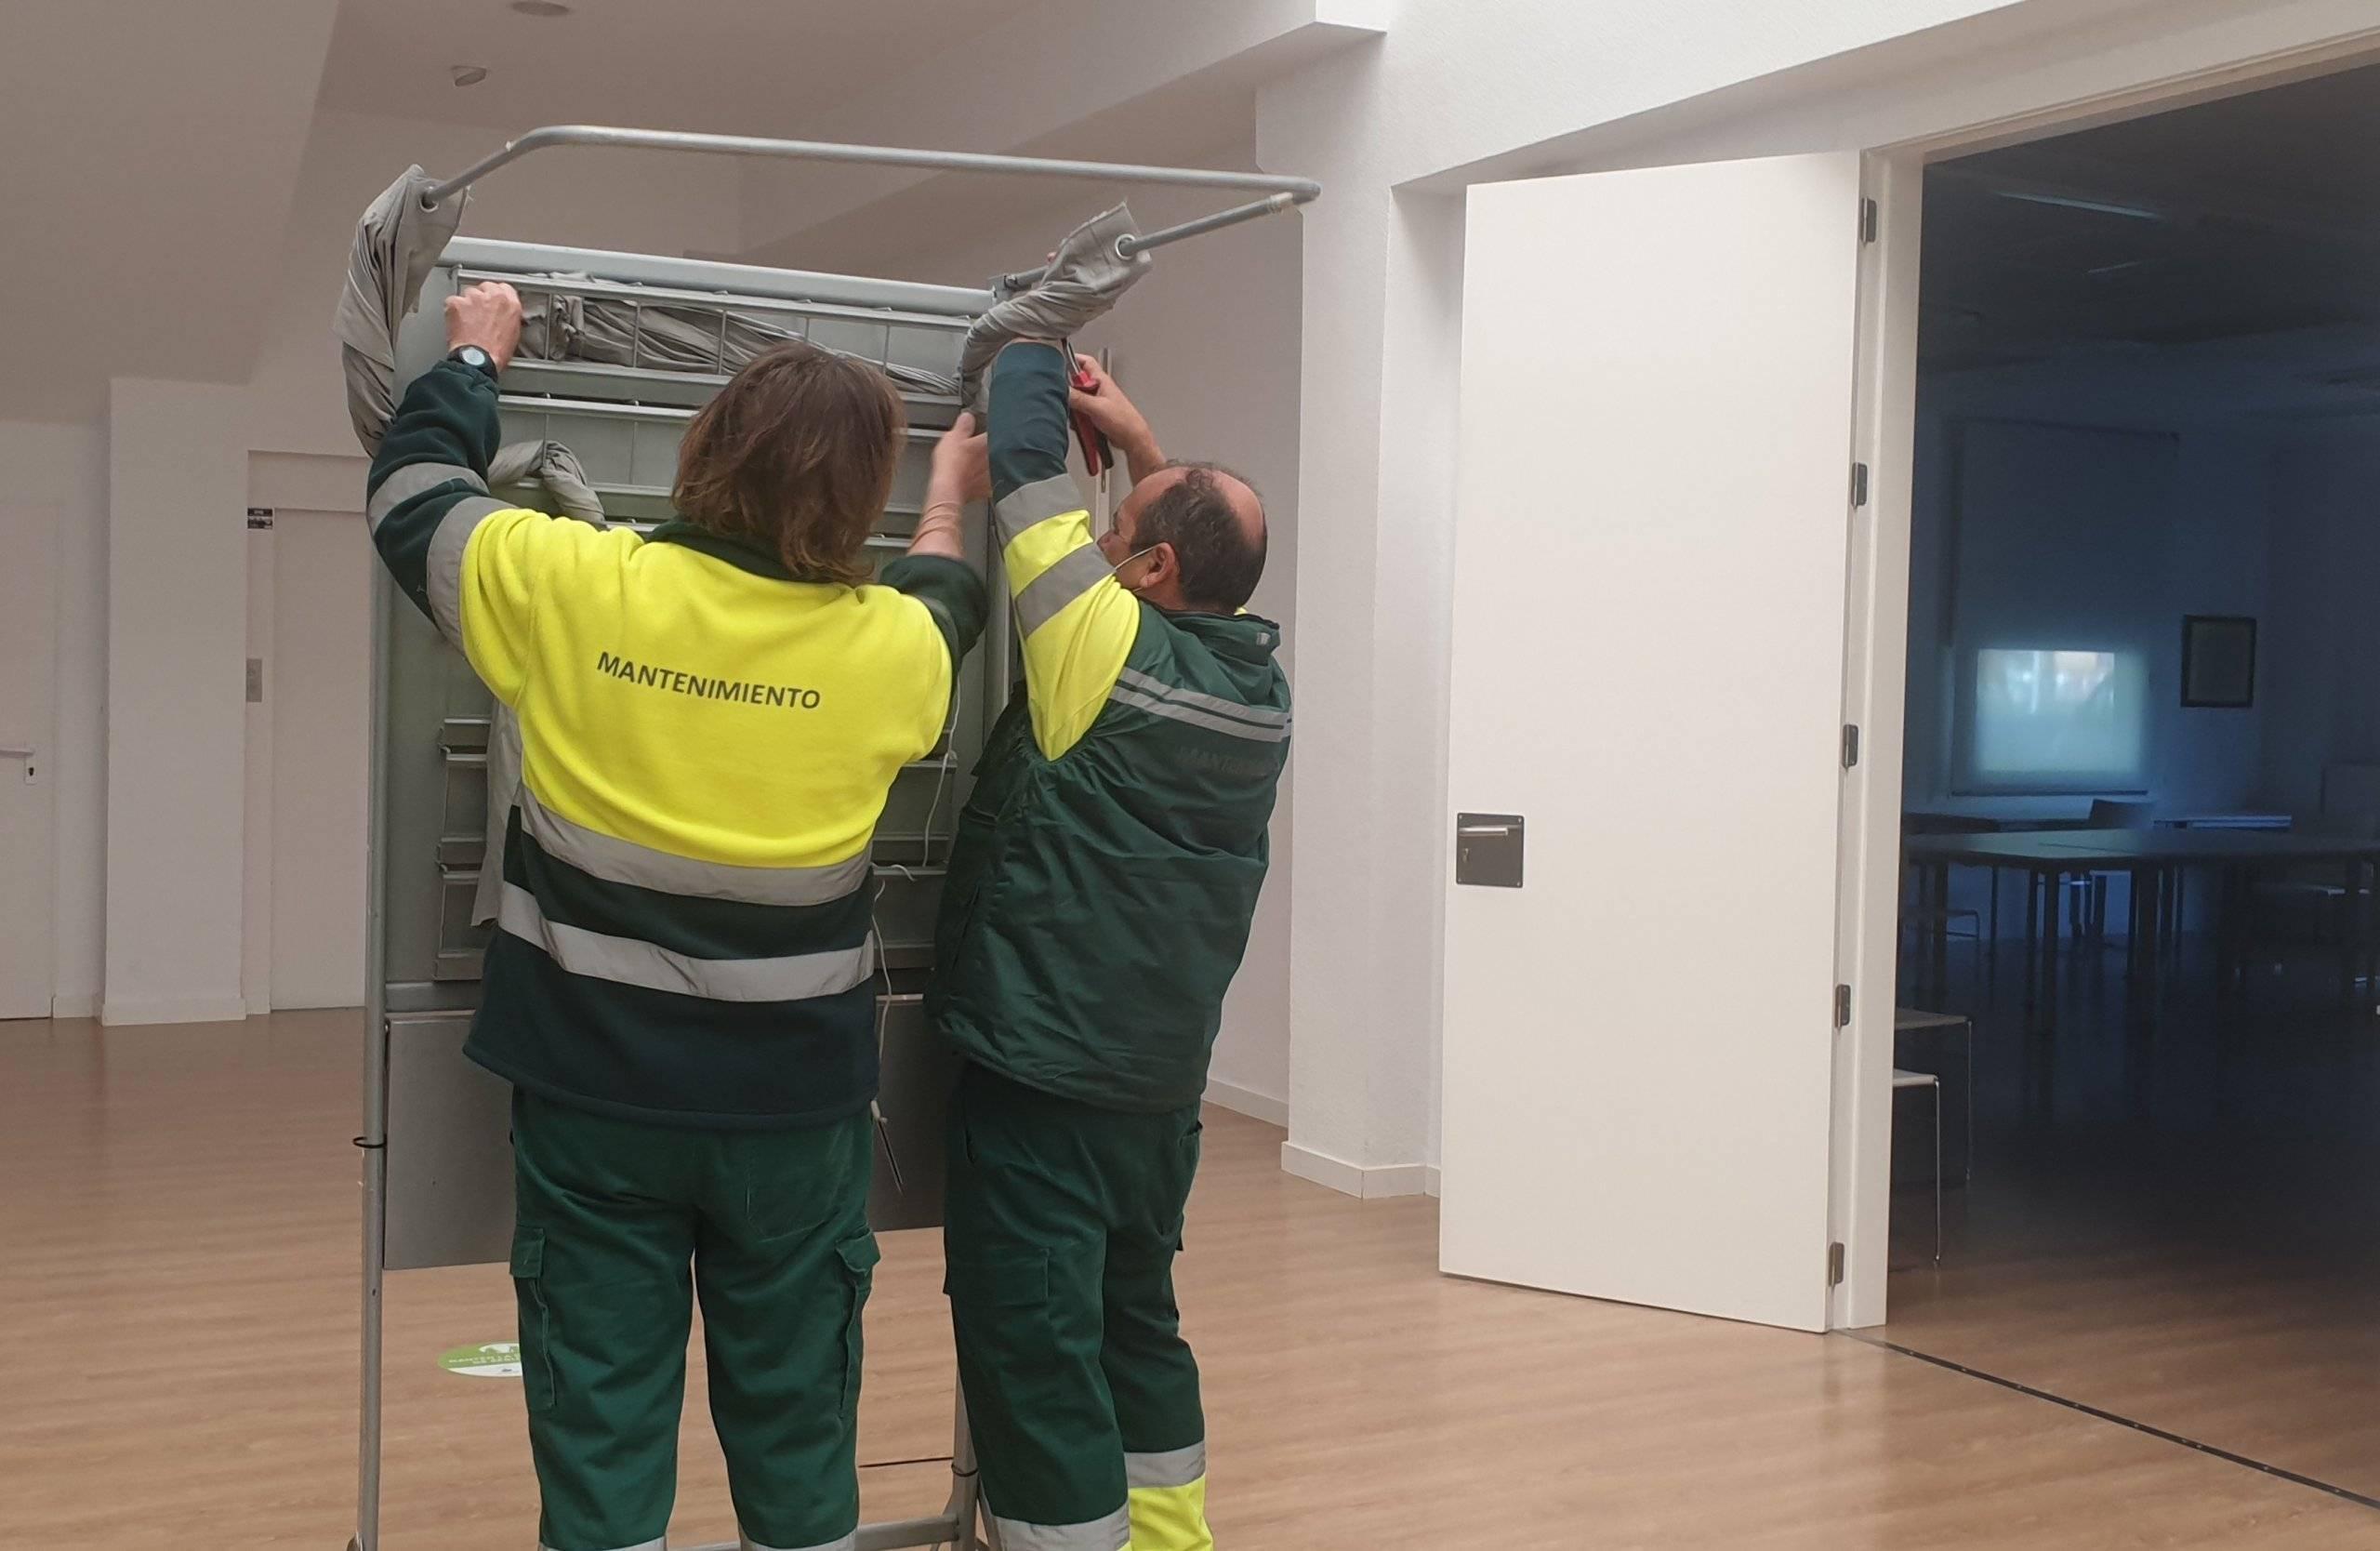 Operarios de mantenimiento trabajando durante la jornada electoral.